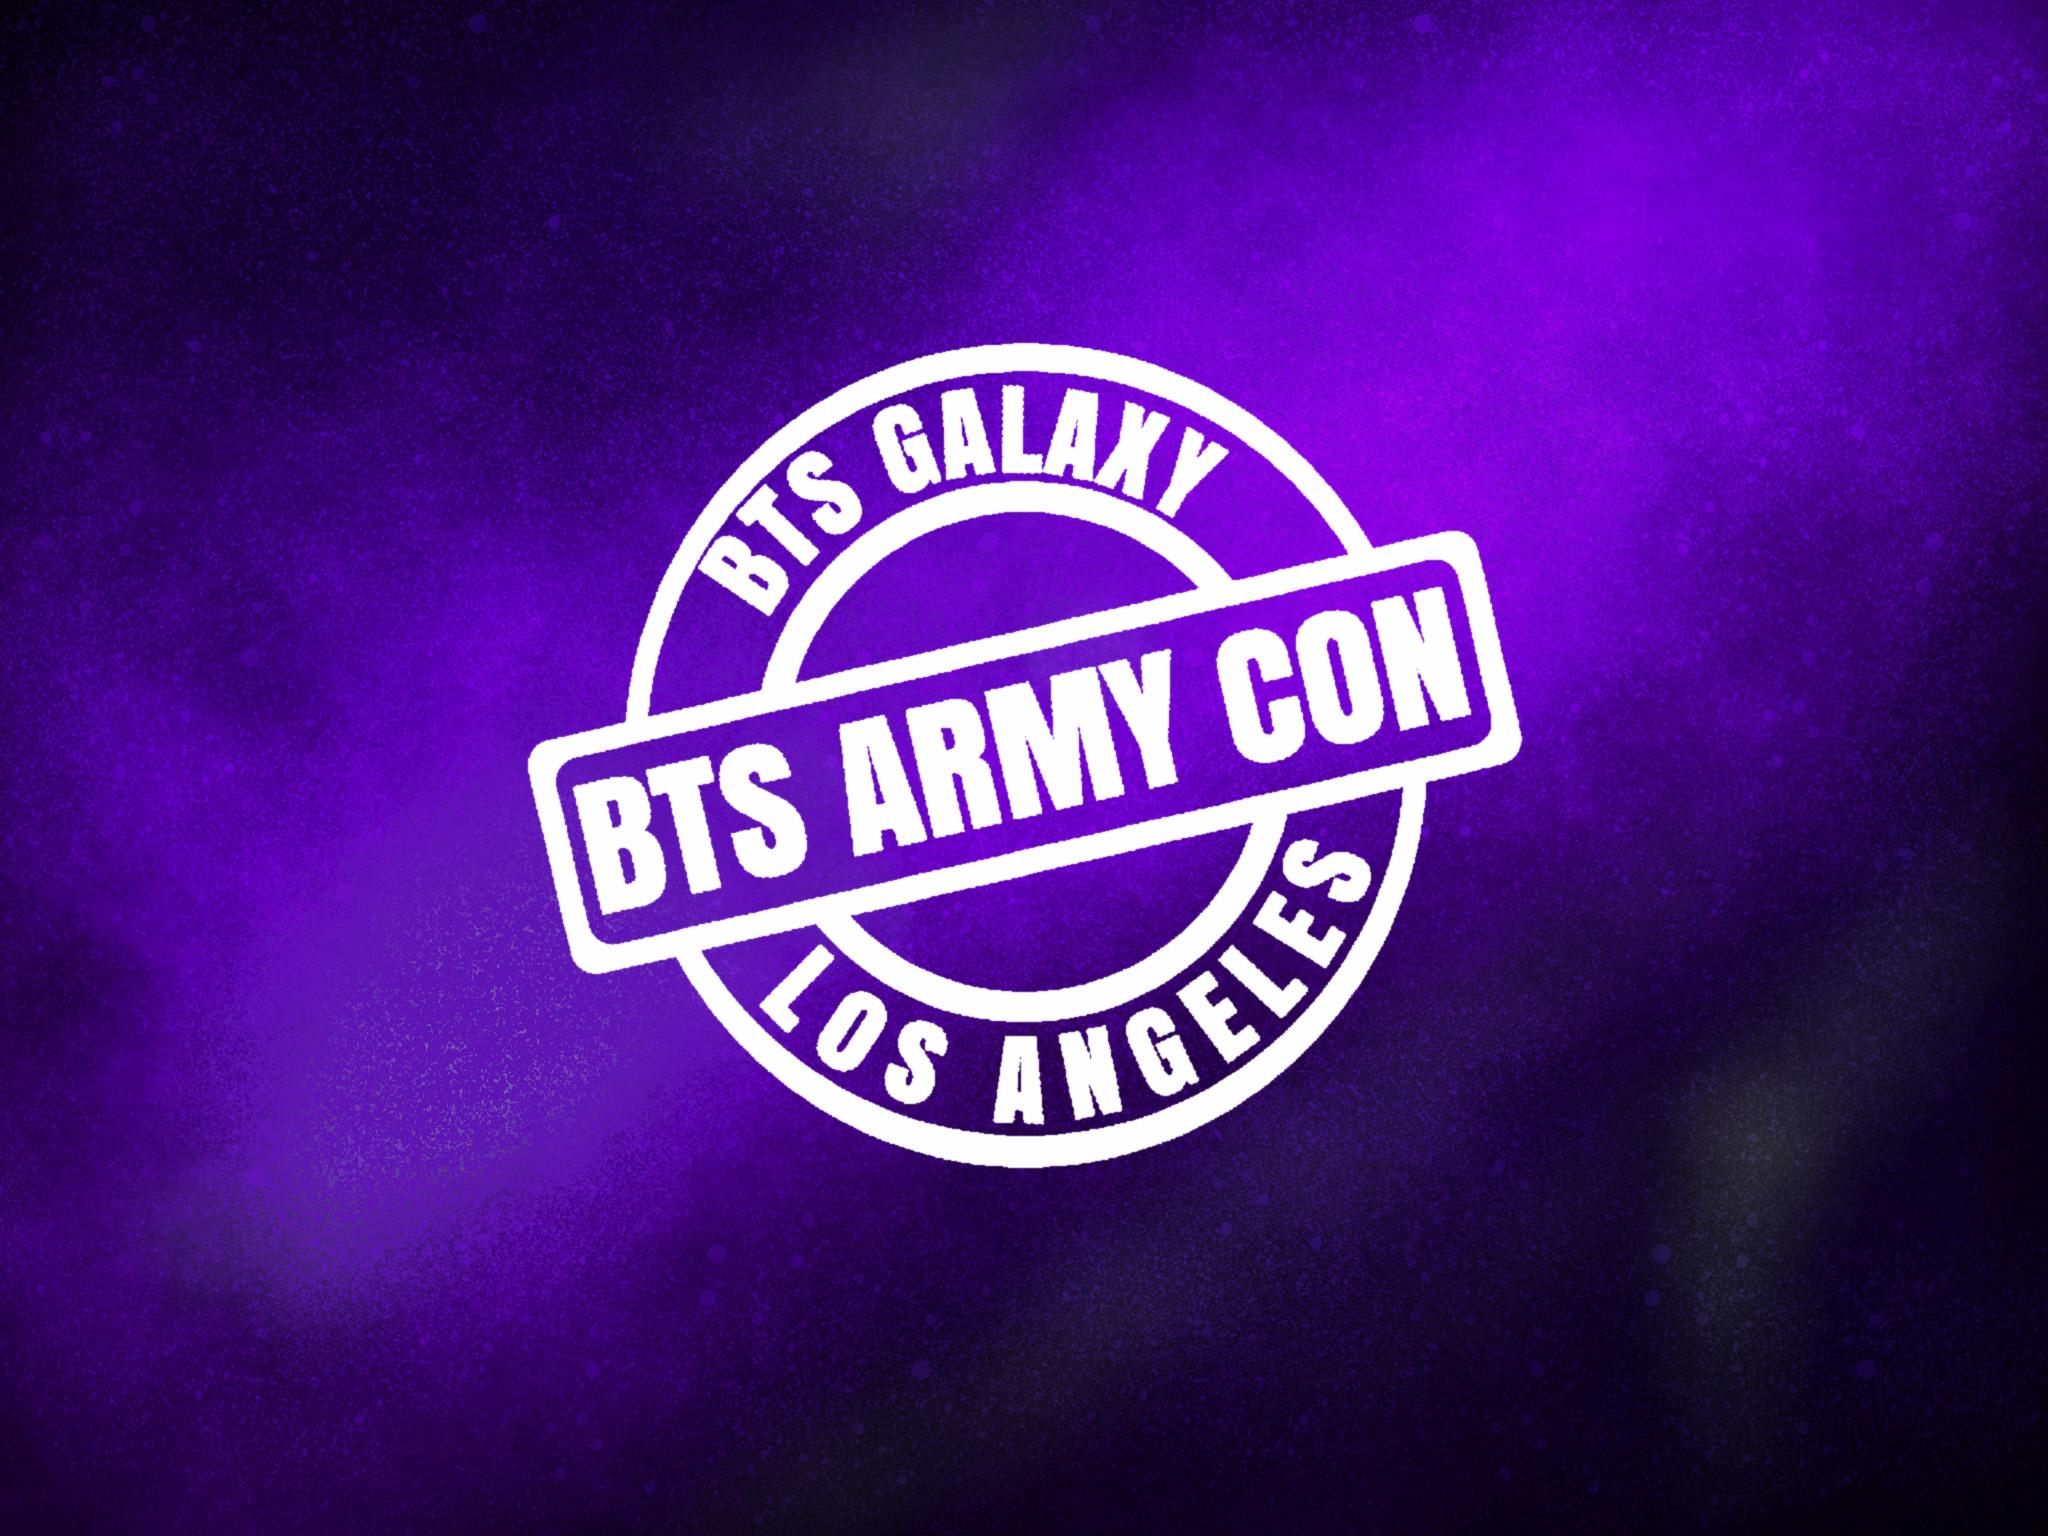 Army Con